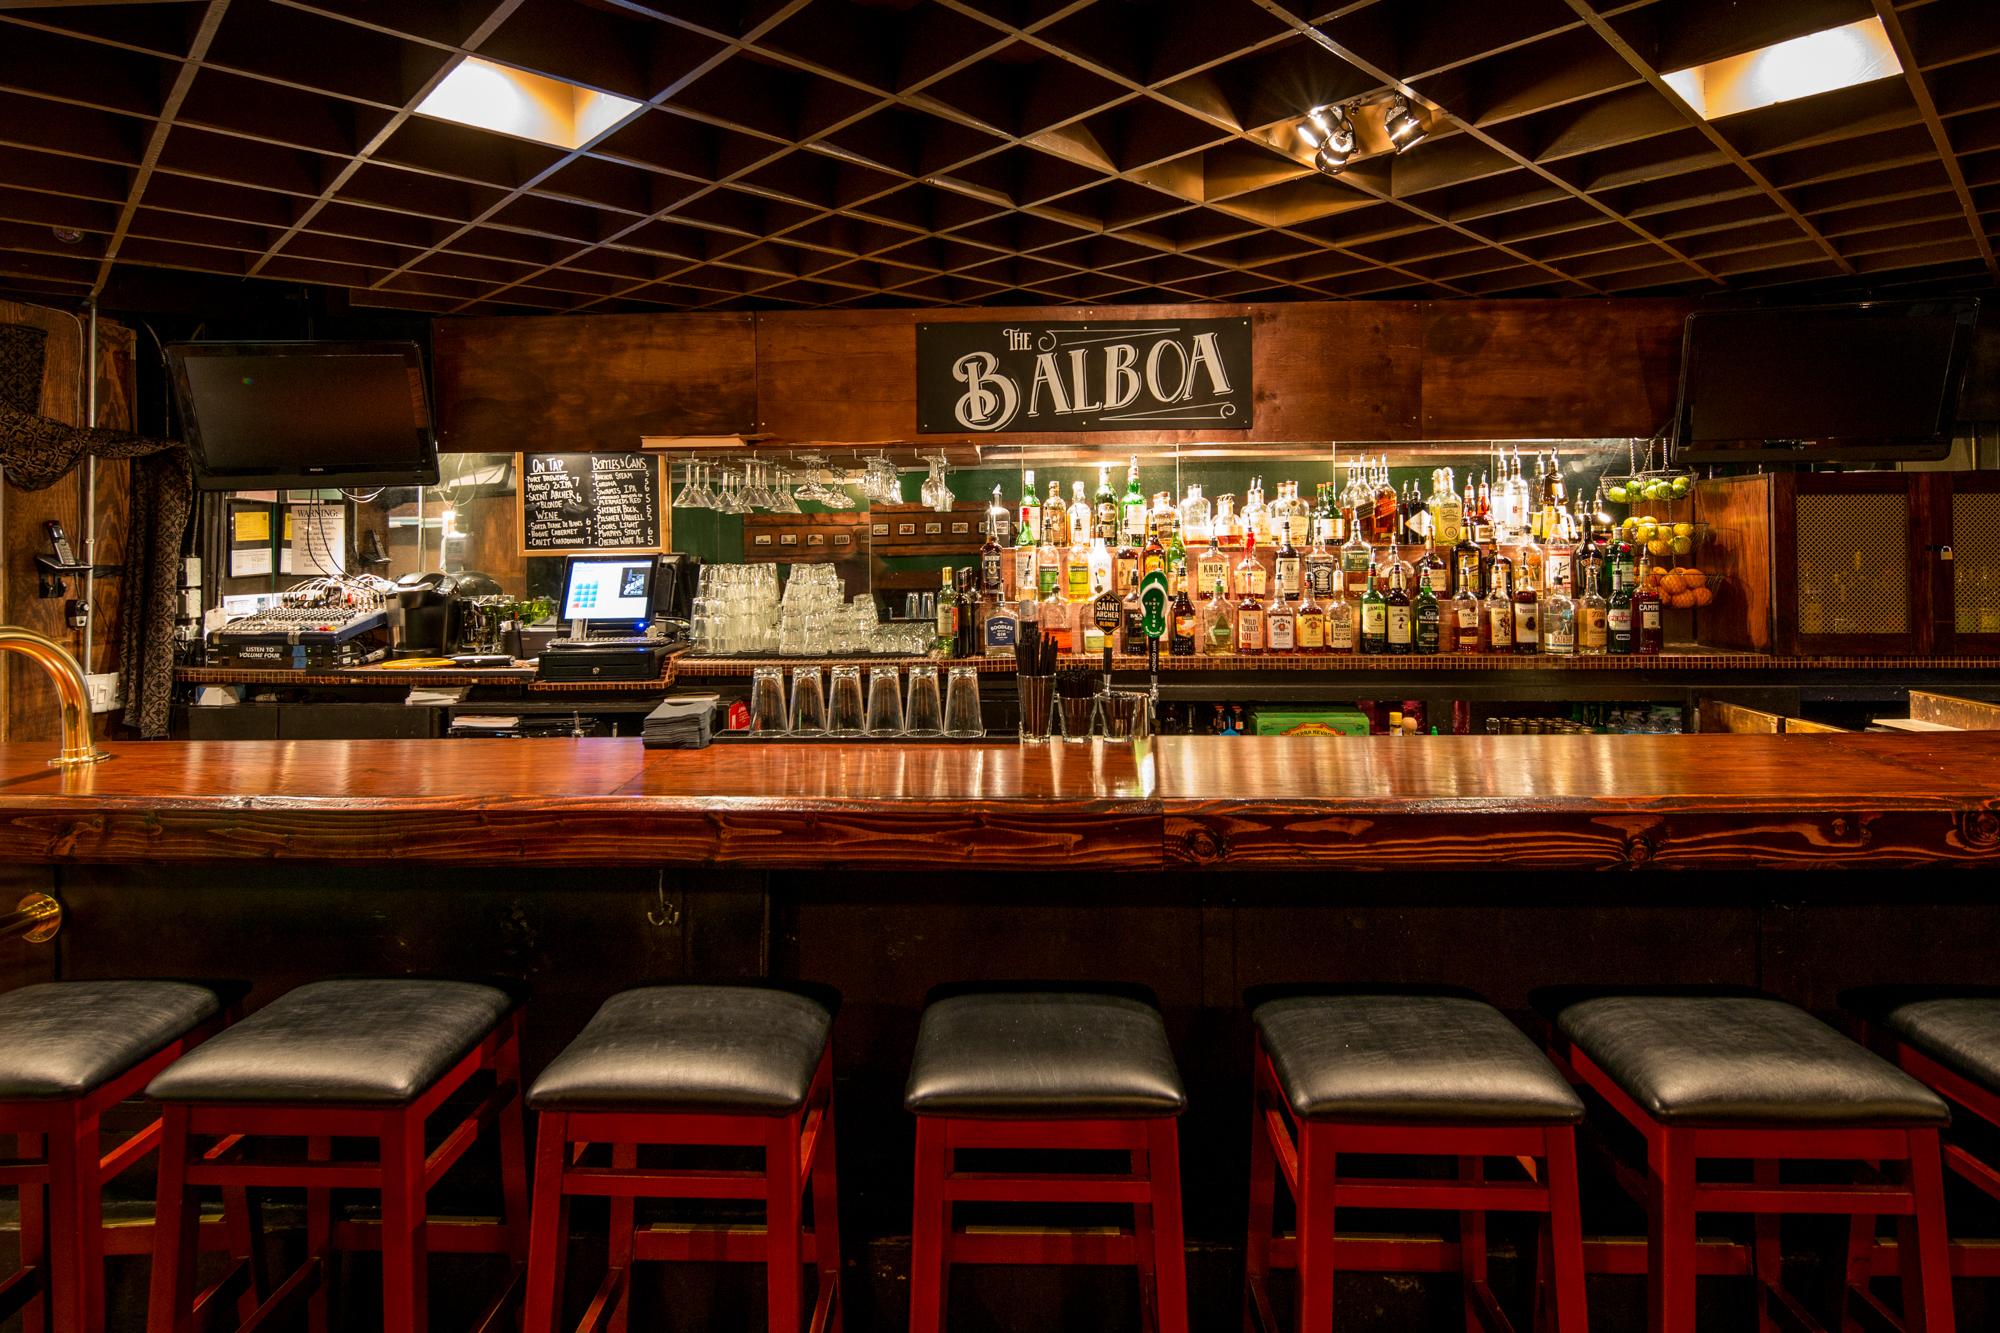 The bar at The Balboa